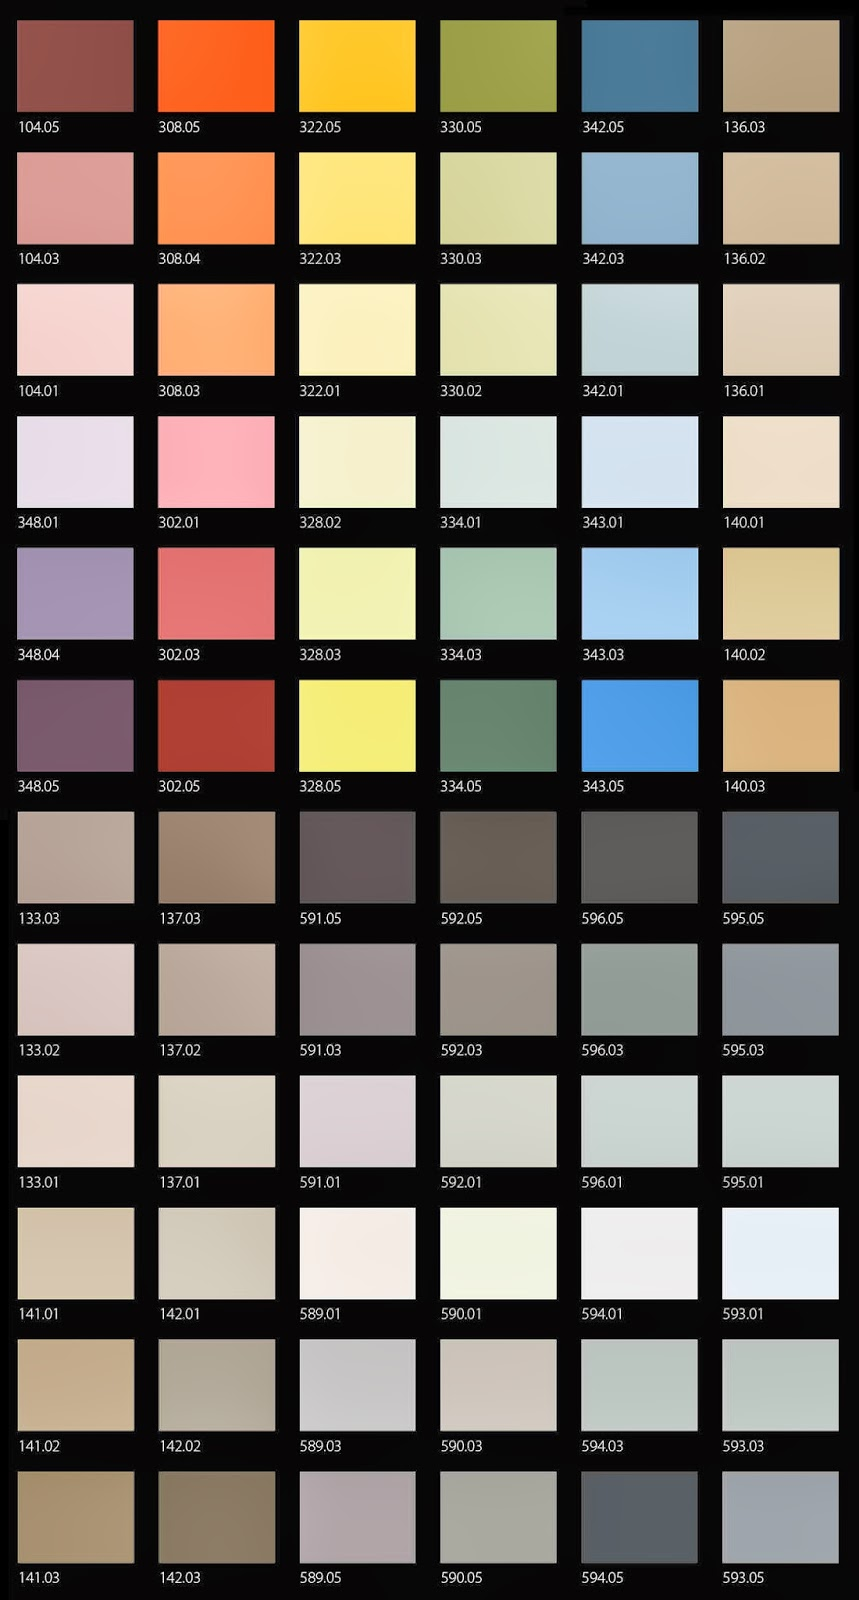 Esiste in commercio un'ampia gamma di colori per pareti così che, quando si decide di rinnovare l'aspetto della propria casa dandole un tocco cromatico differente, solitamente ci si trova in difficoltà nel dover scegliere tra l'una o l'altra. Mobili Lavelli Gamma Colori Per Pareti